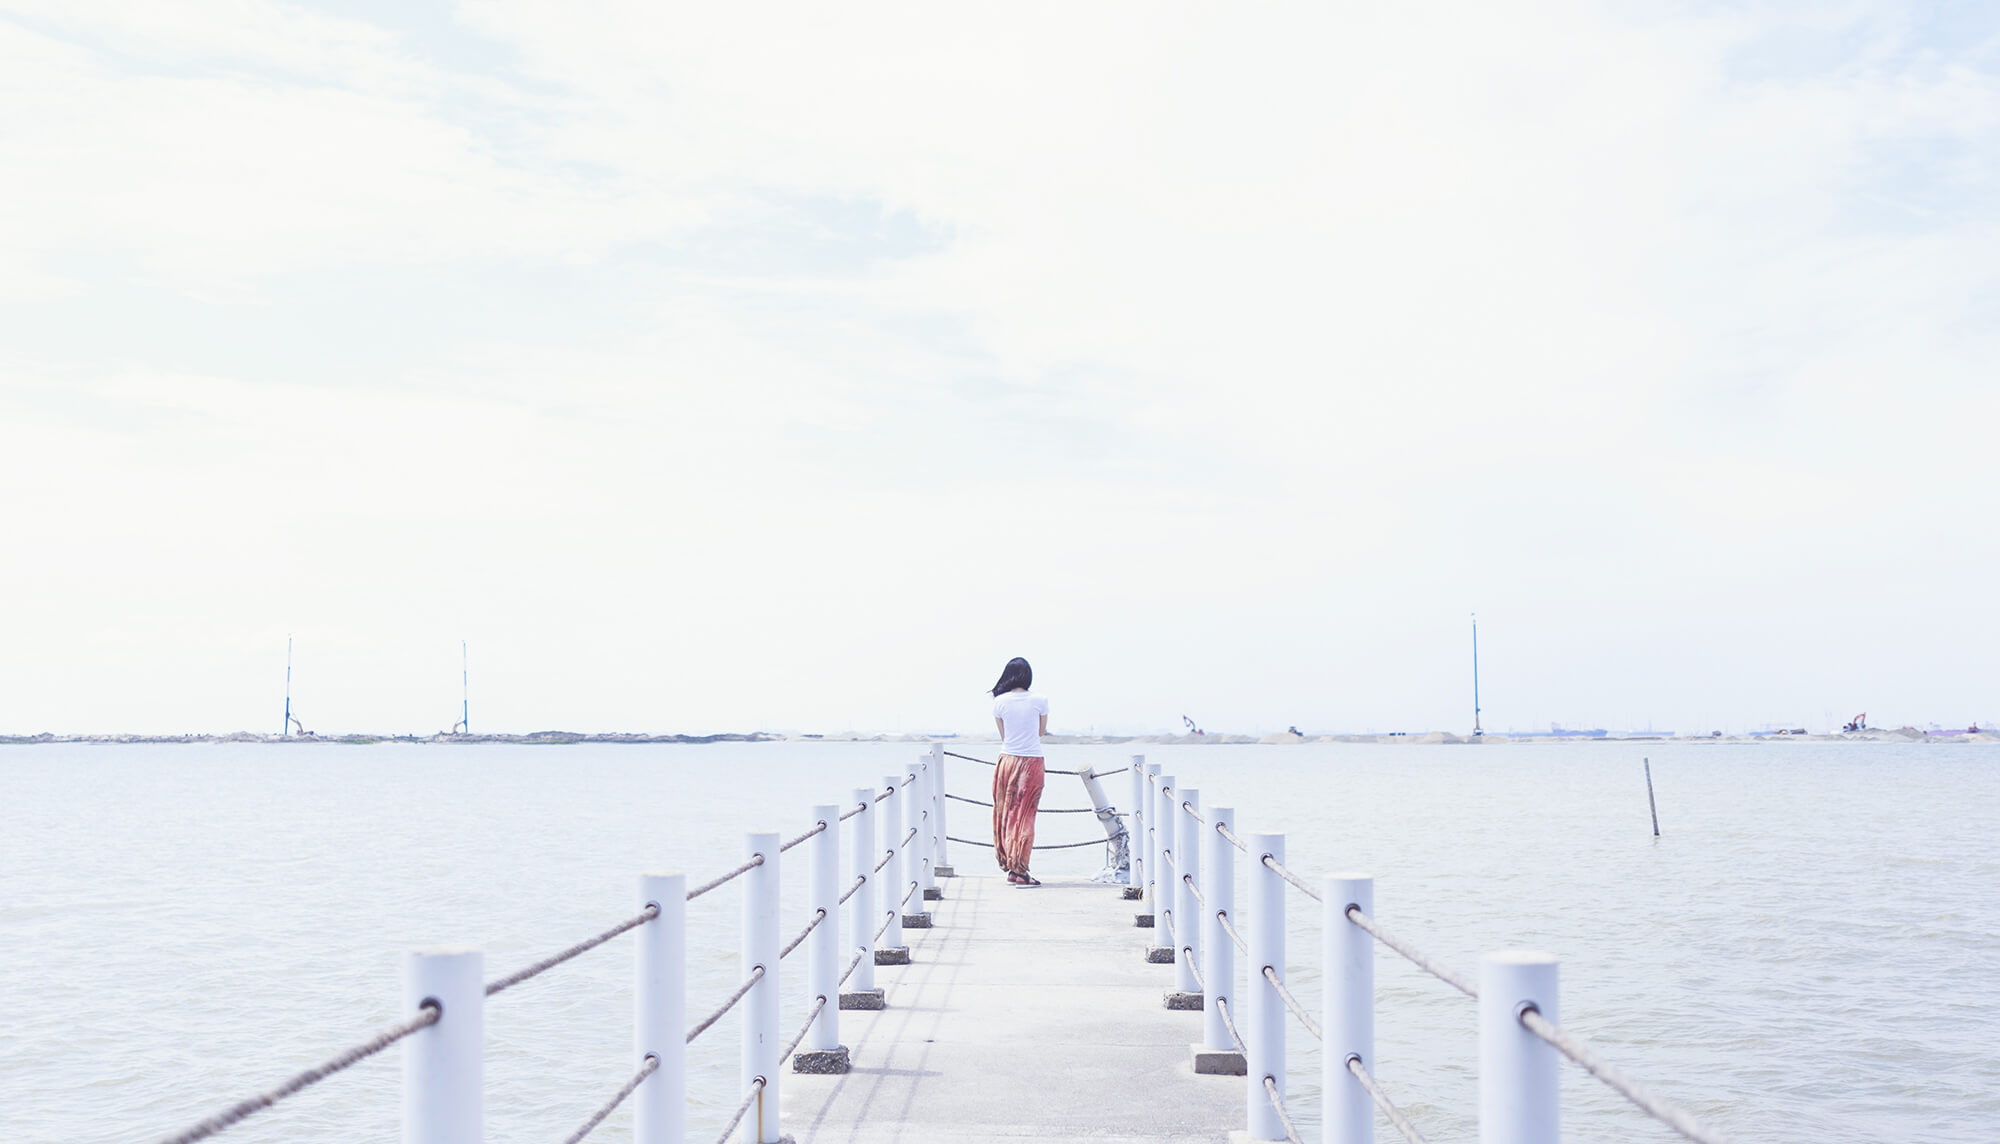 zeeparken-blog-rustig-2.jpg